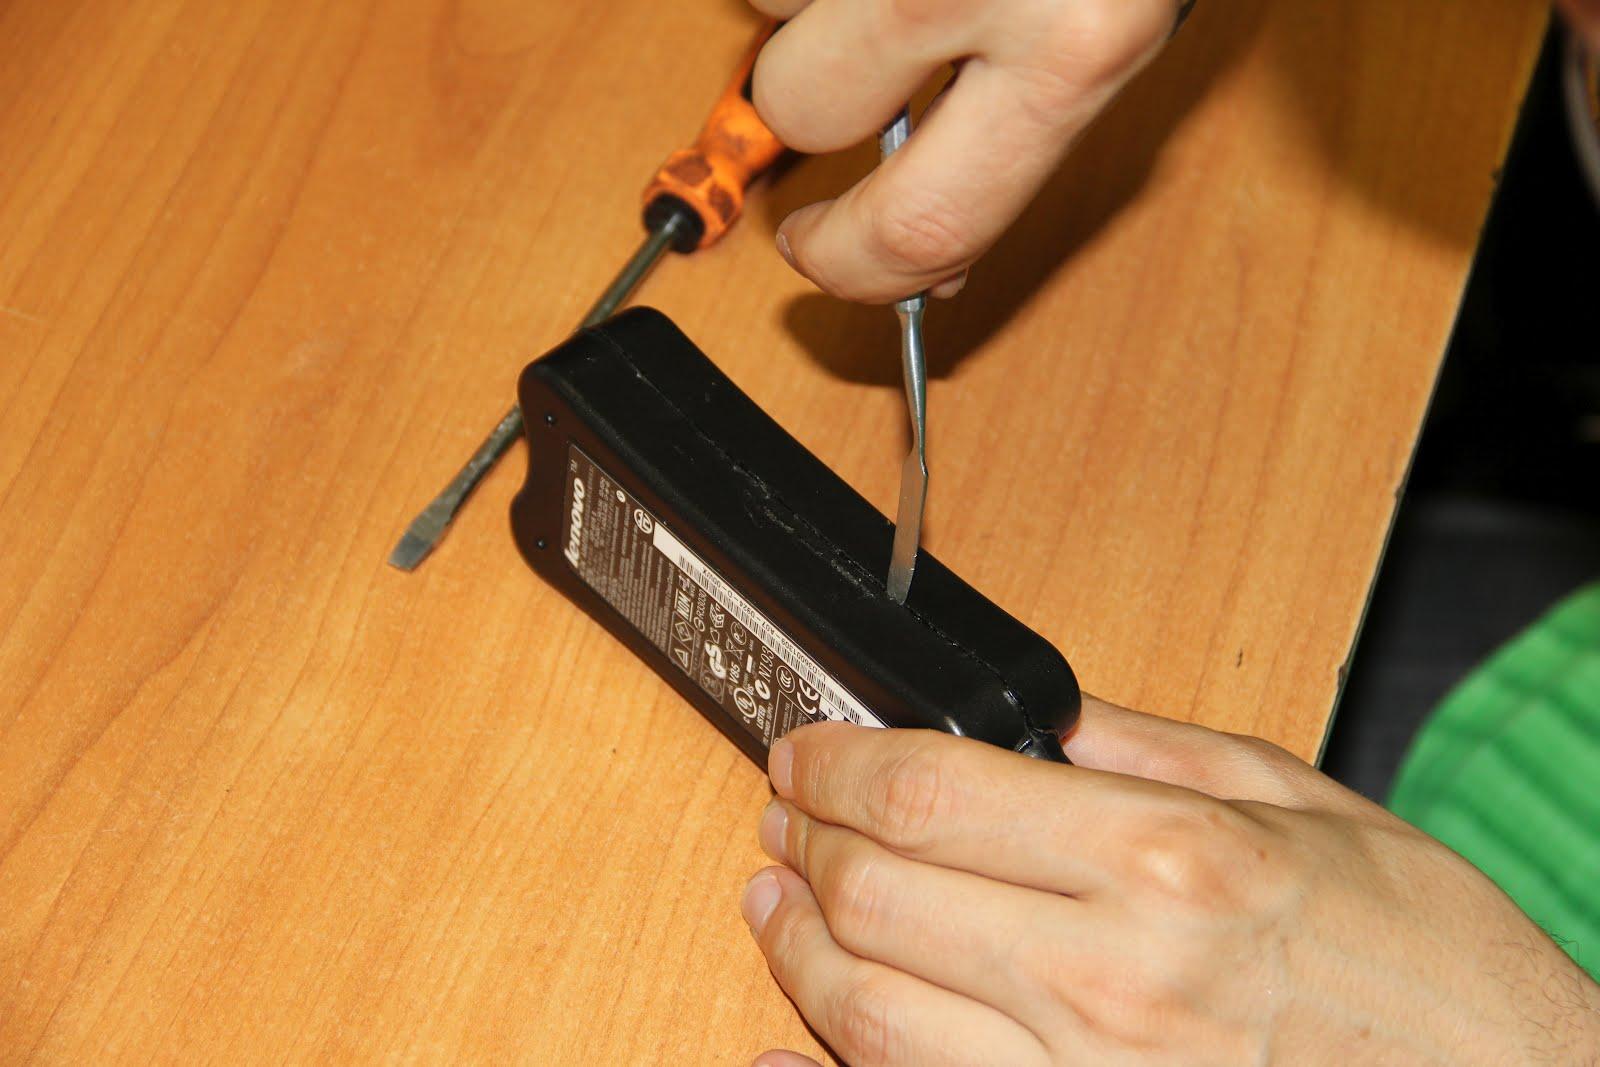 Блока питания ноутбука своими руками